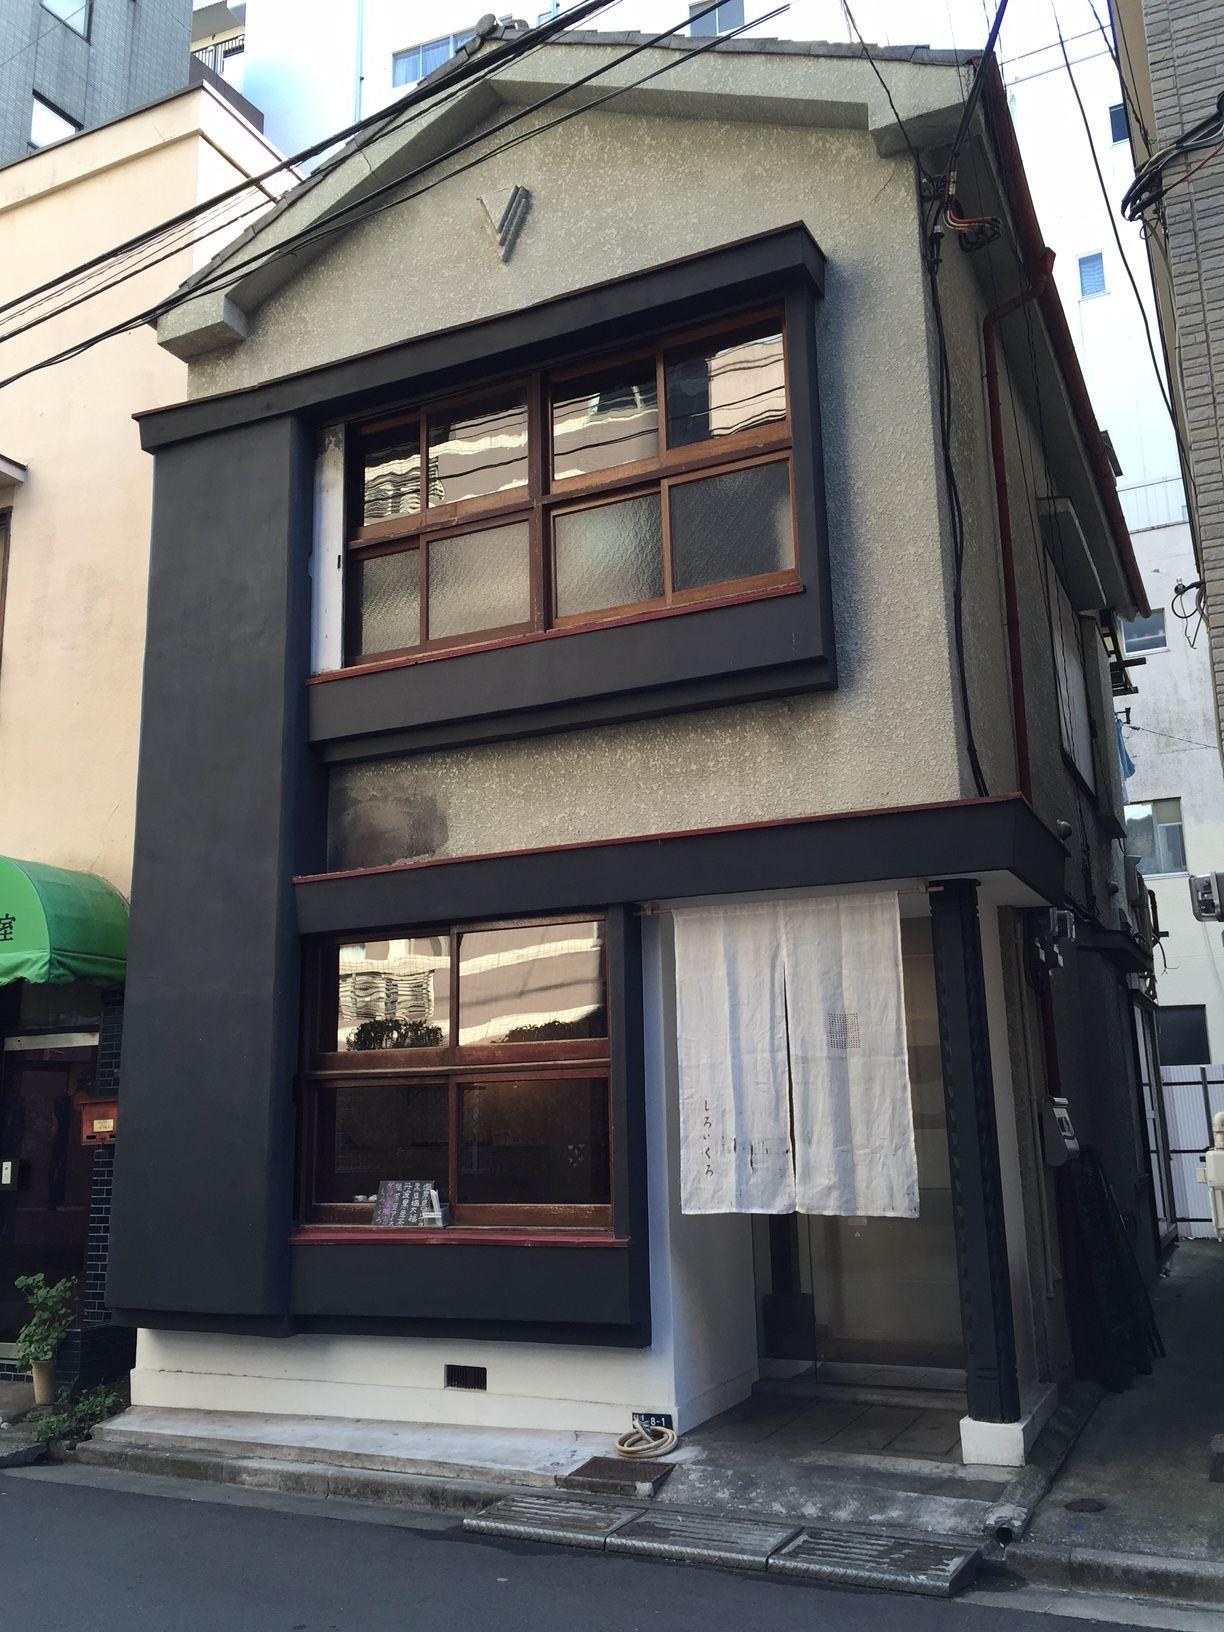 http://livedoor.blogimg.jp/arahi0225/imgs/f/e/fe710451.jpg